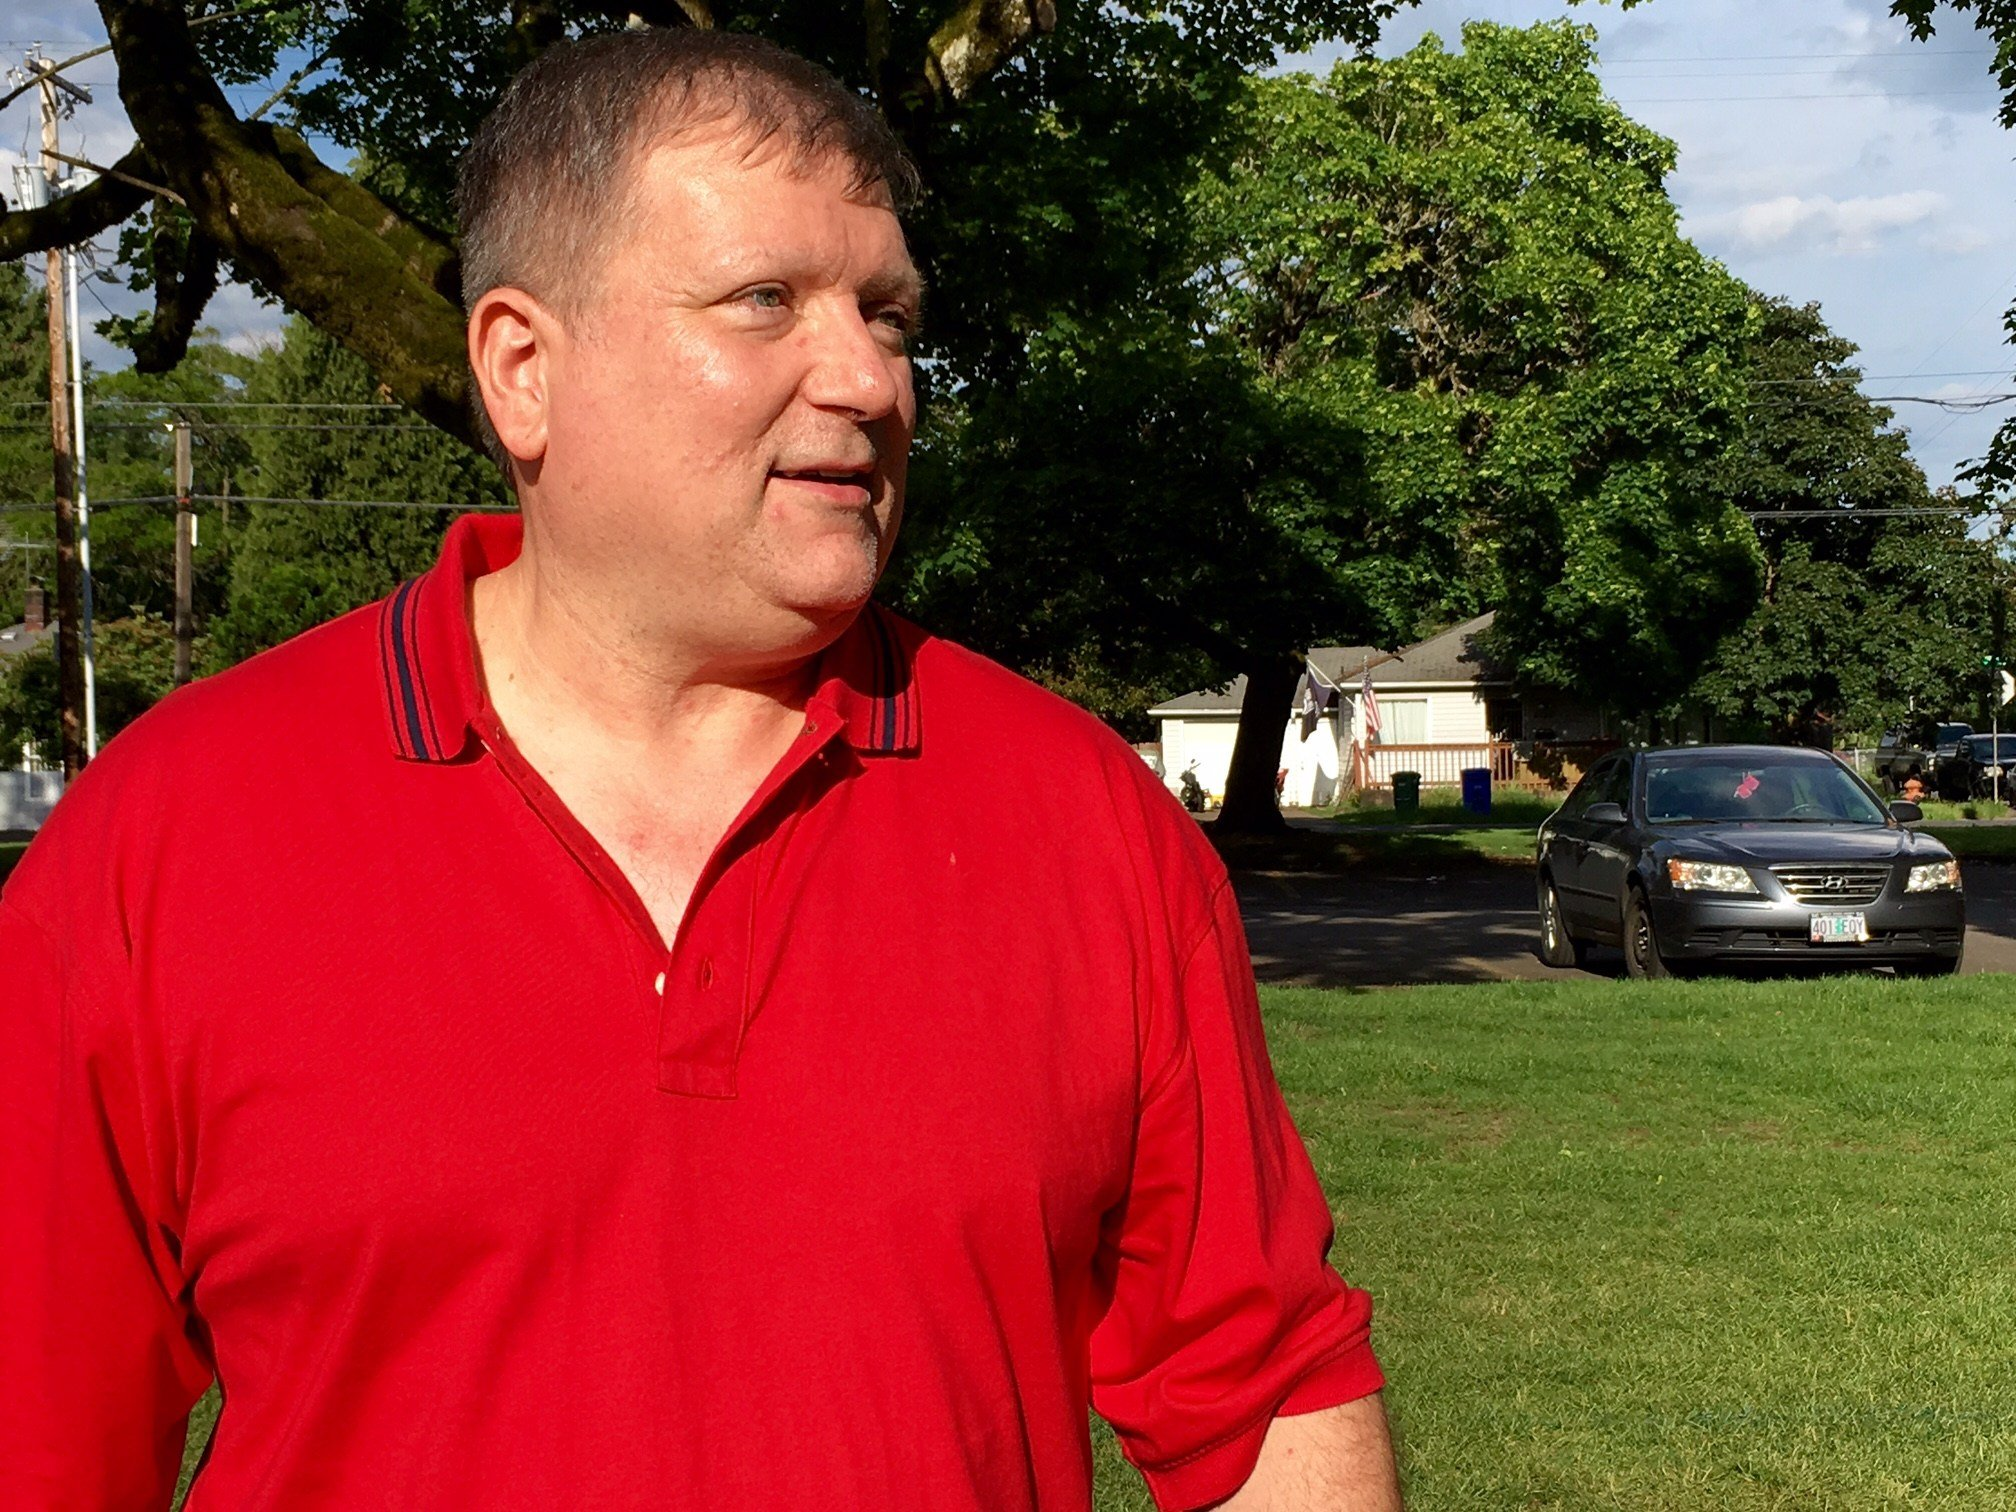 Former Portland Police officer John Hurlman Monday. (KPTV)